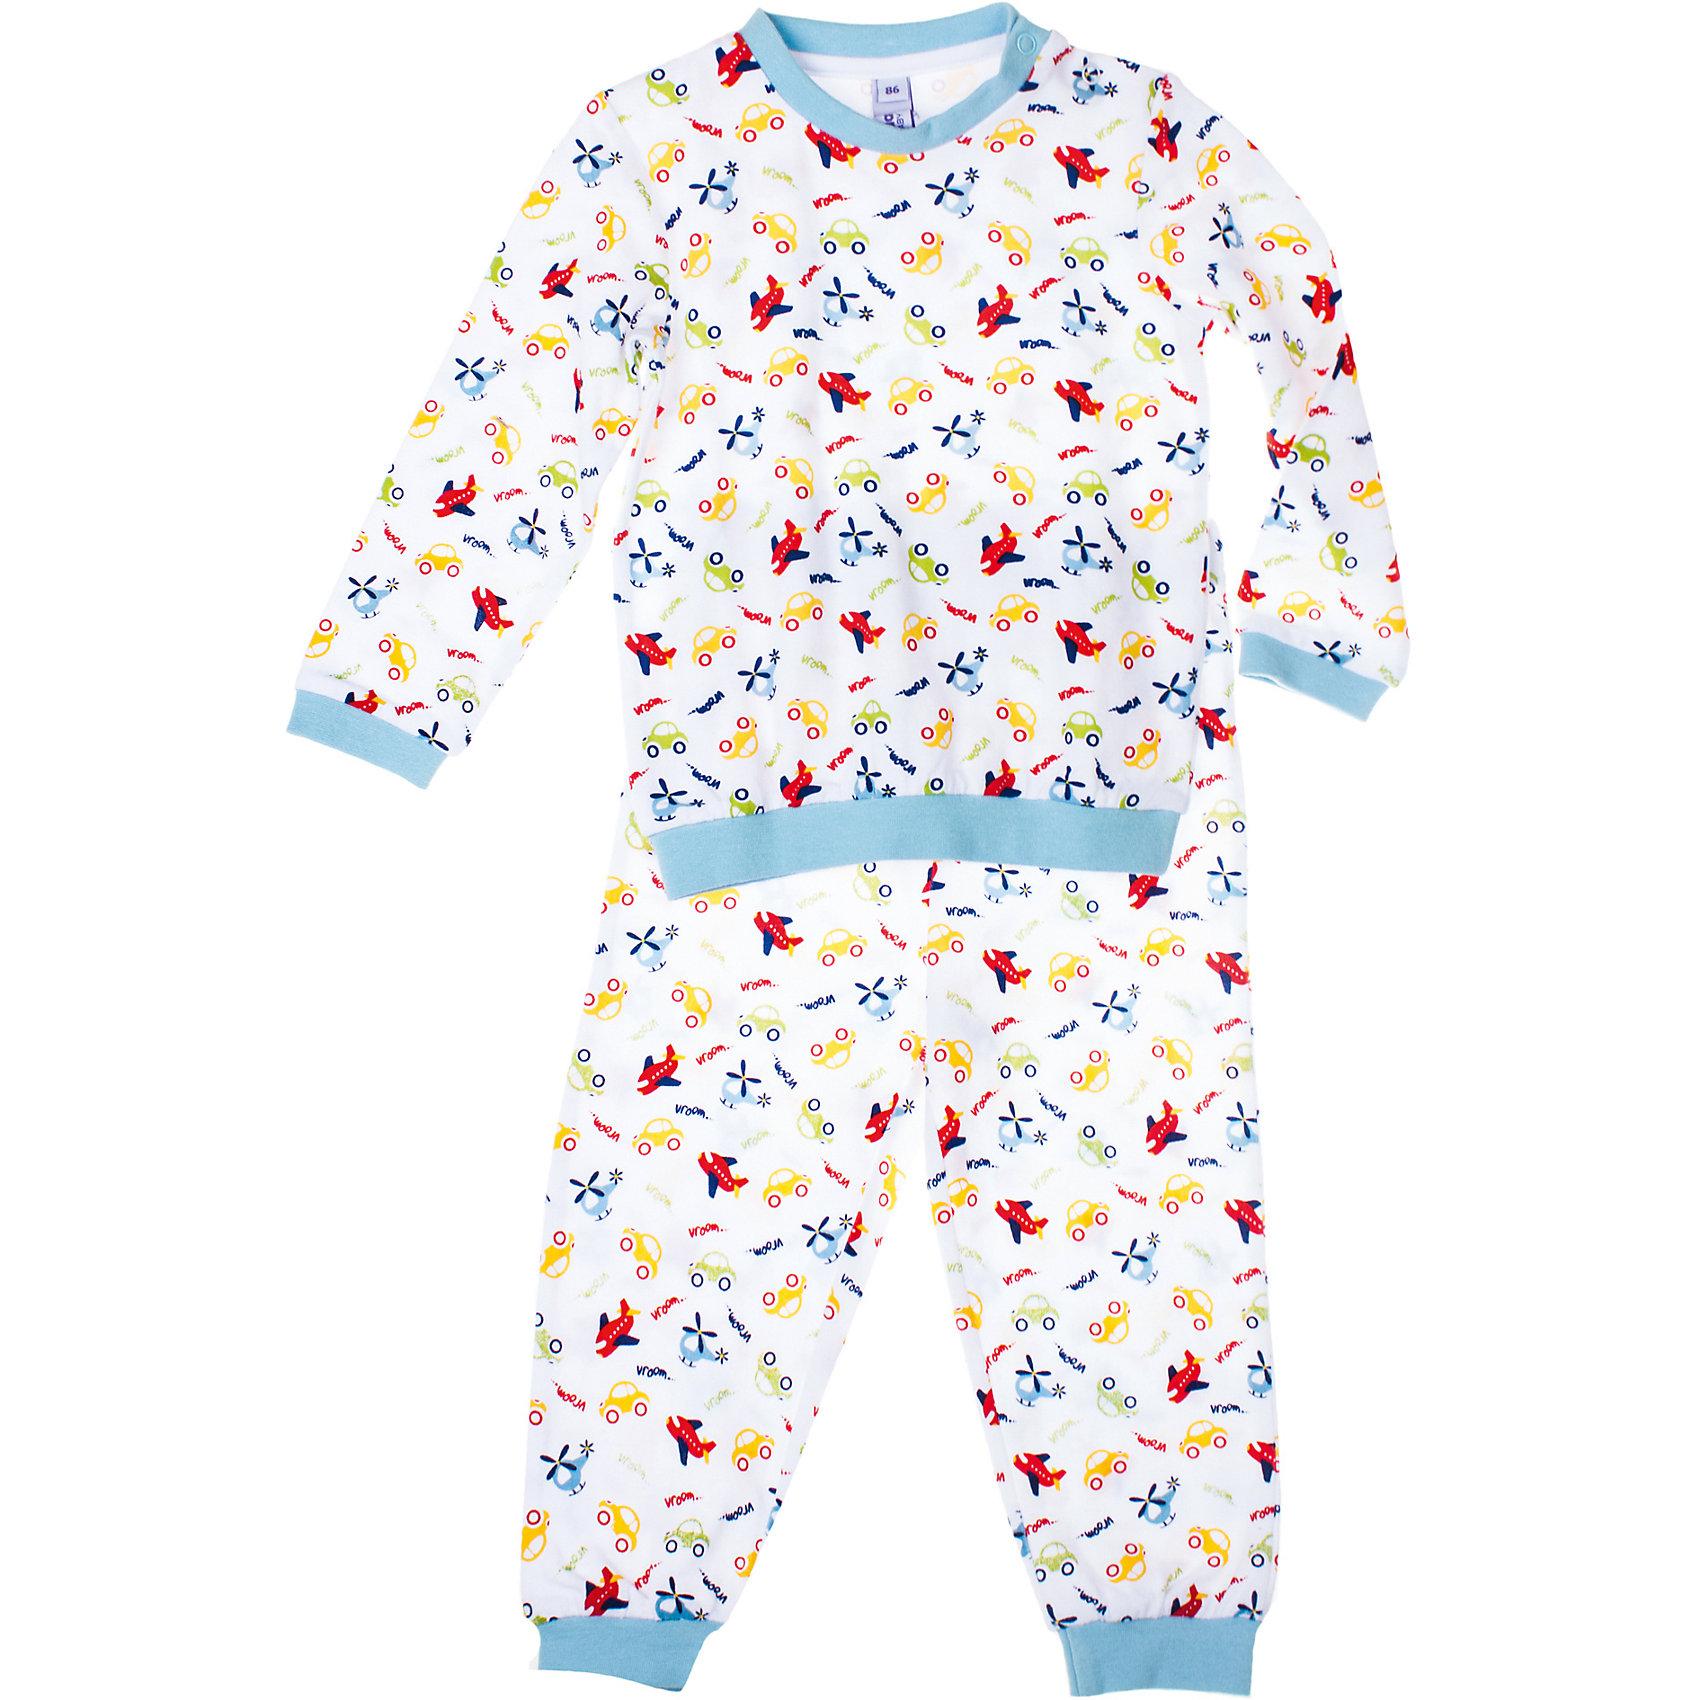 Пижама для мальчика PlayTodayПижама для мальчика PlayToday Хлопковая пижама с красочным принтом. Обязательно понравится вашему малышу. Крой свободный, материал легкий и практичный в носке. Состав: 95% хлопок, 5% эластан<br><br>Ширина мм: 281<br>Глубина мм: 70<br>Высота мм: 188<br>Вес г: 295<br>Цвет: белый<br>Возраст от месяцев: 6<br>Возраст до месяцев: 9<br>Пол: Мужской<br>Возраст: Детский<br>Размер: 74,80,86,92<br>SKU: 4229048